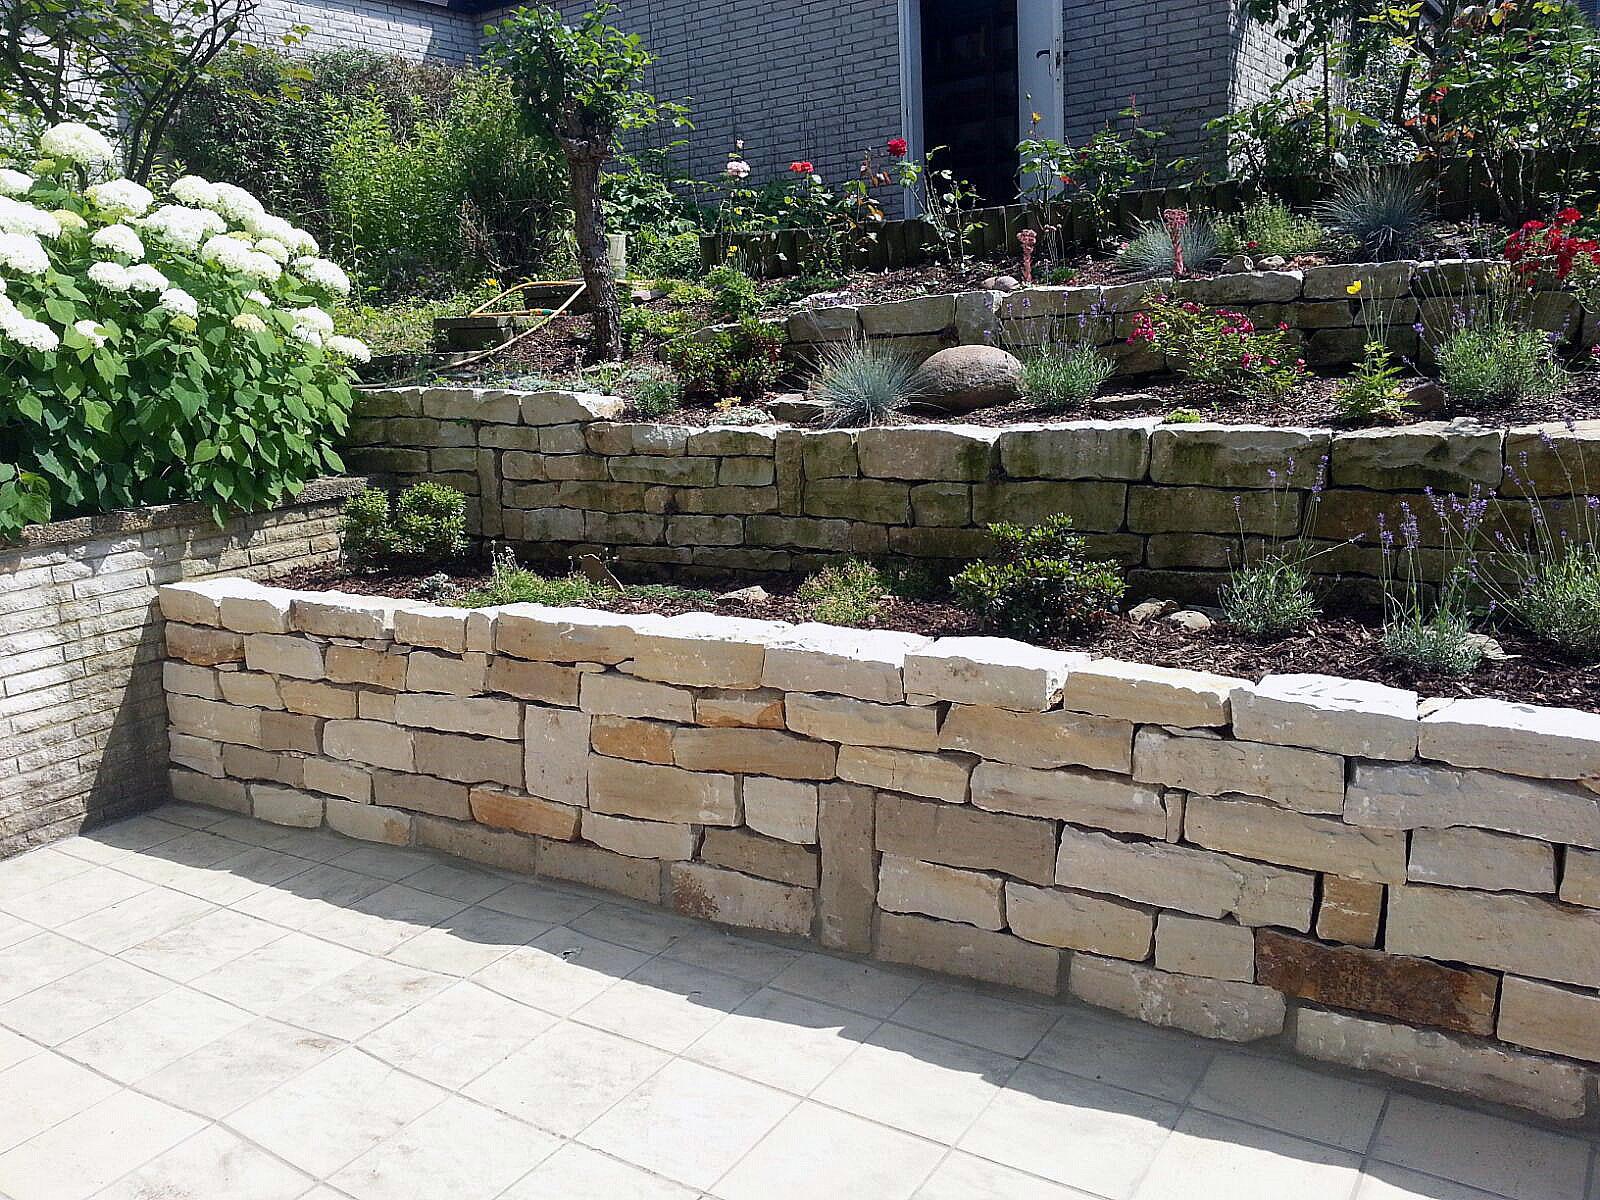 mauersteine preise arten natursteinmauer gartenmauer selber bauen steine verfugen ratgeber. Black Bedroom Furniture Sets. Home Design Ideas